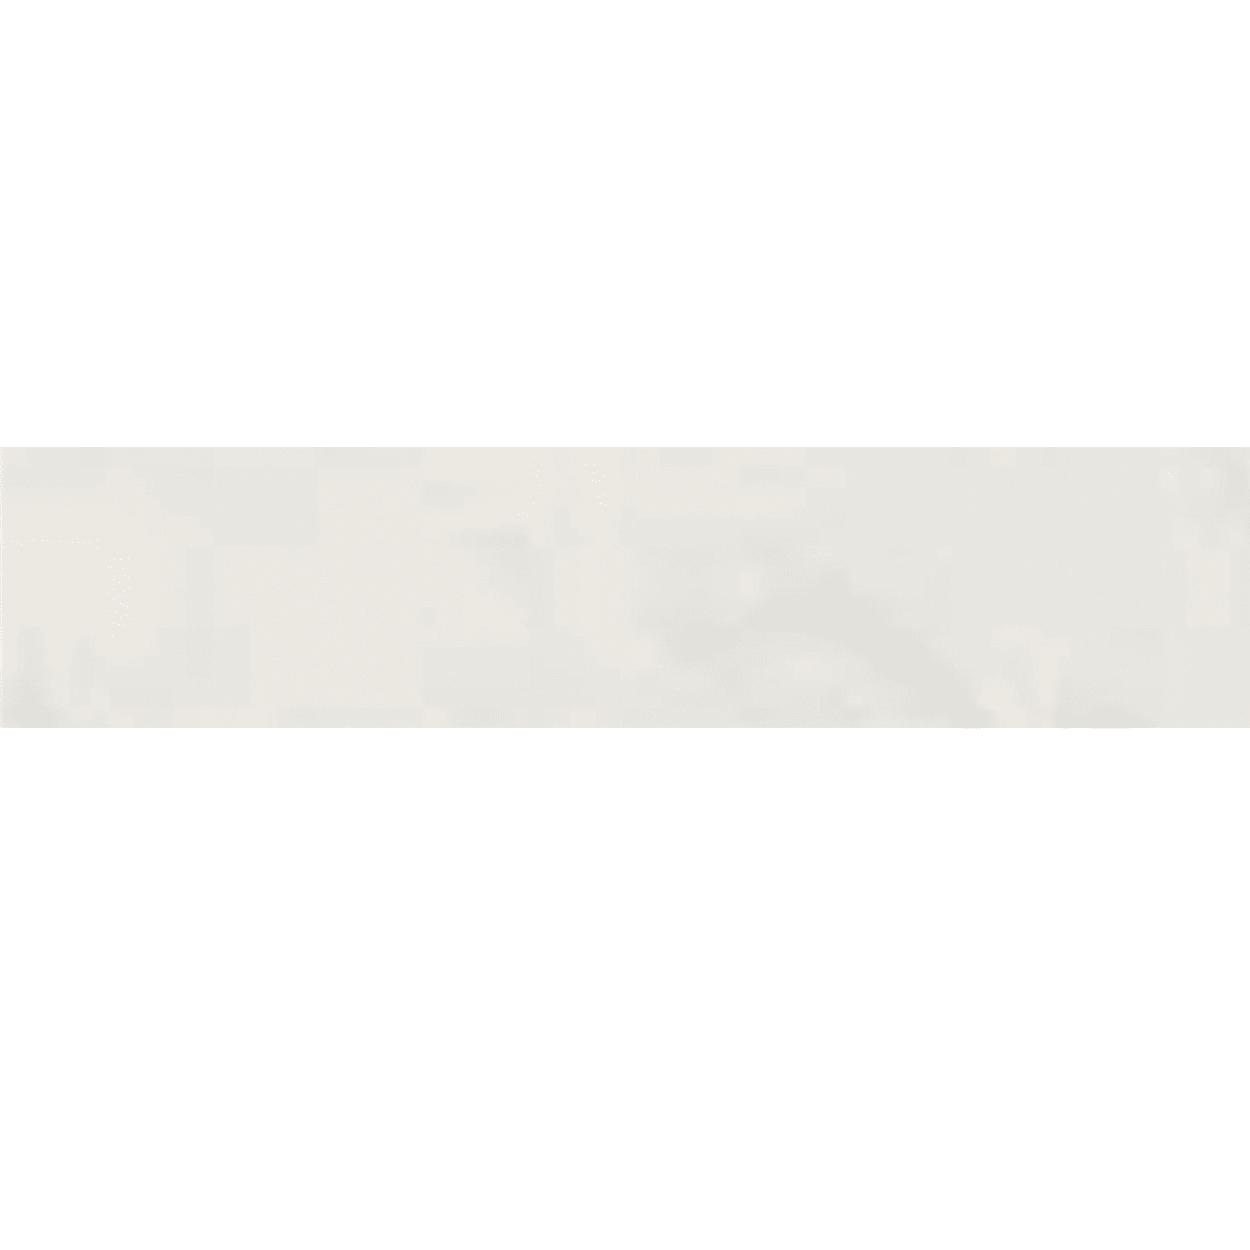 Battiscopa Carrara Bianco 7 X 30 Cm Prezzi E Offerte Online Leroy